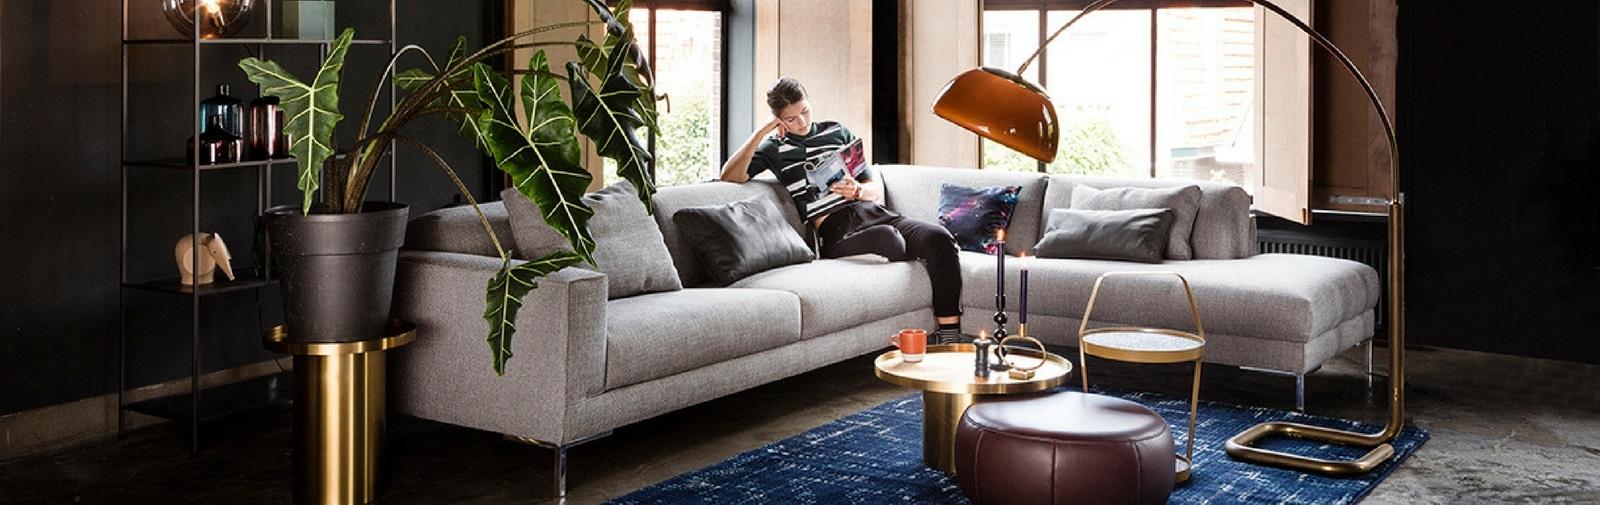 Design On Stock Aikon.Hoekbank Aikon Design On Stock Interieurhof Alkmaar